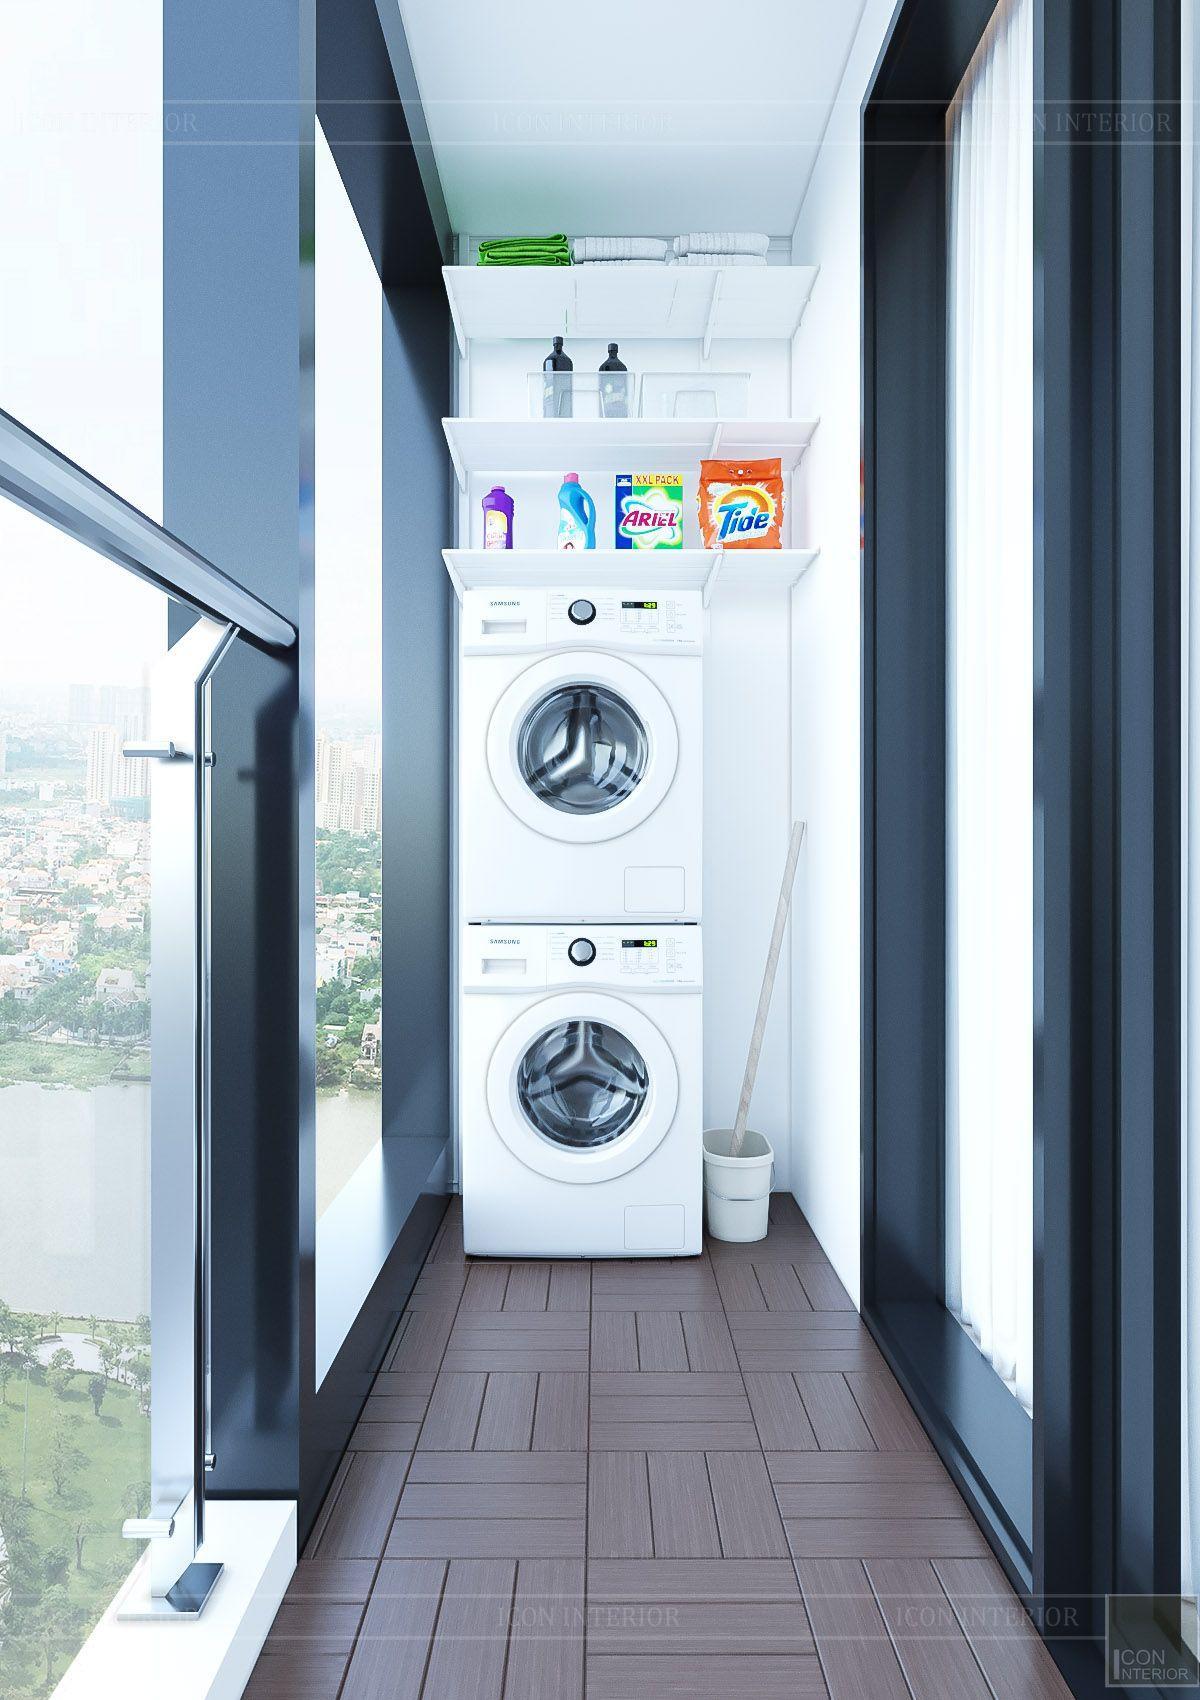 Thiết kế nội thất căn hộ chung cư Vinhomes Ba Son - ban công 2